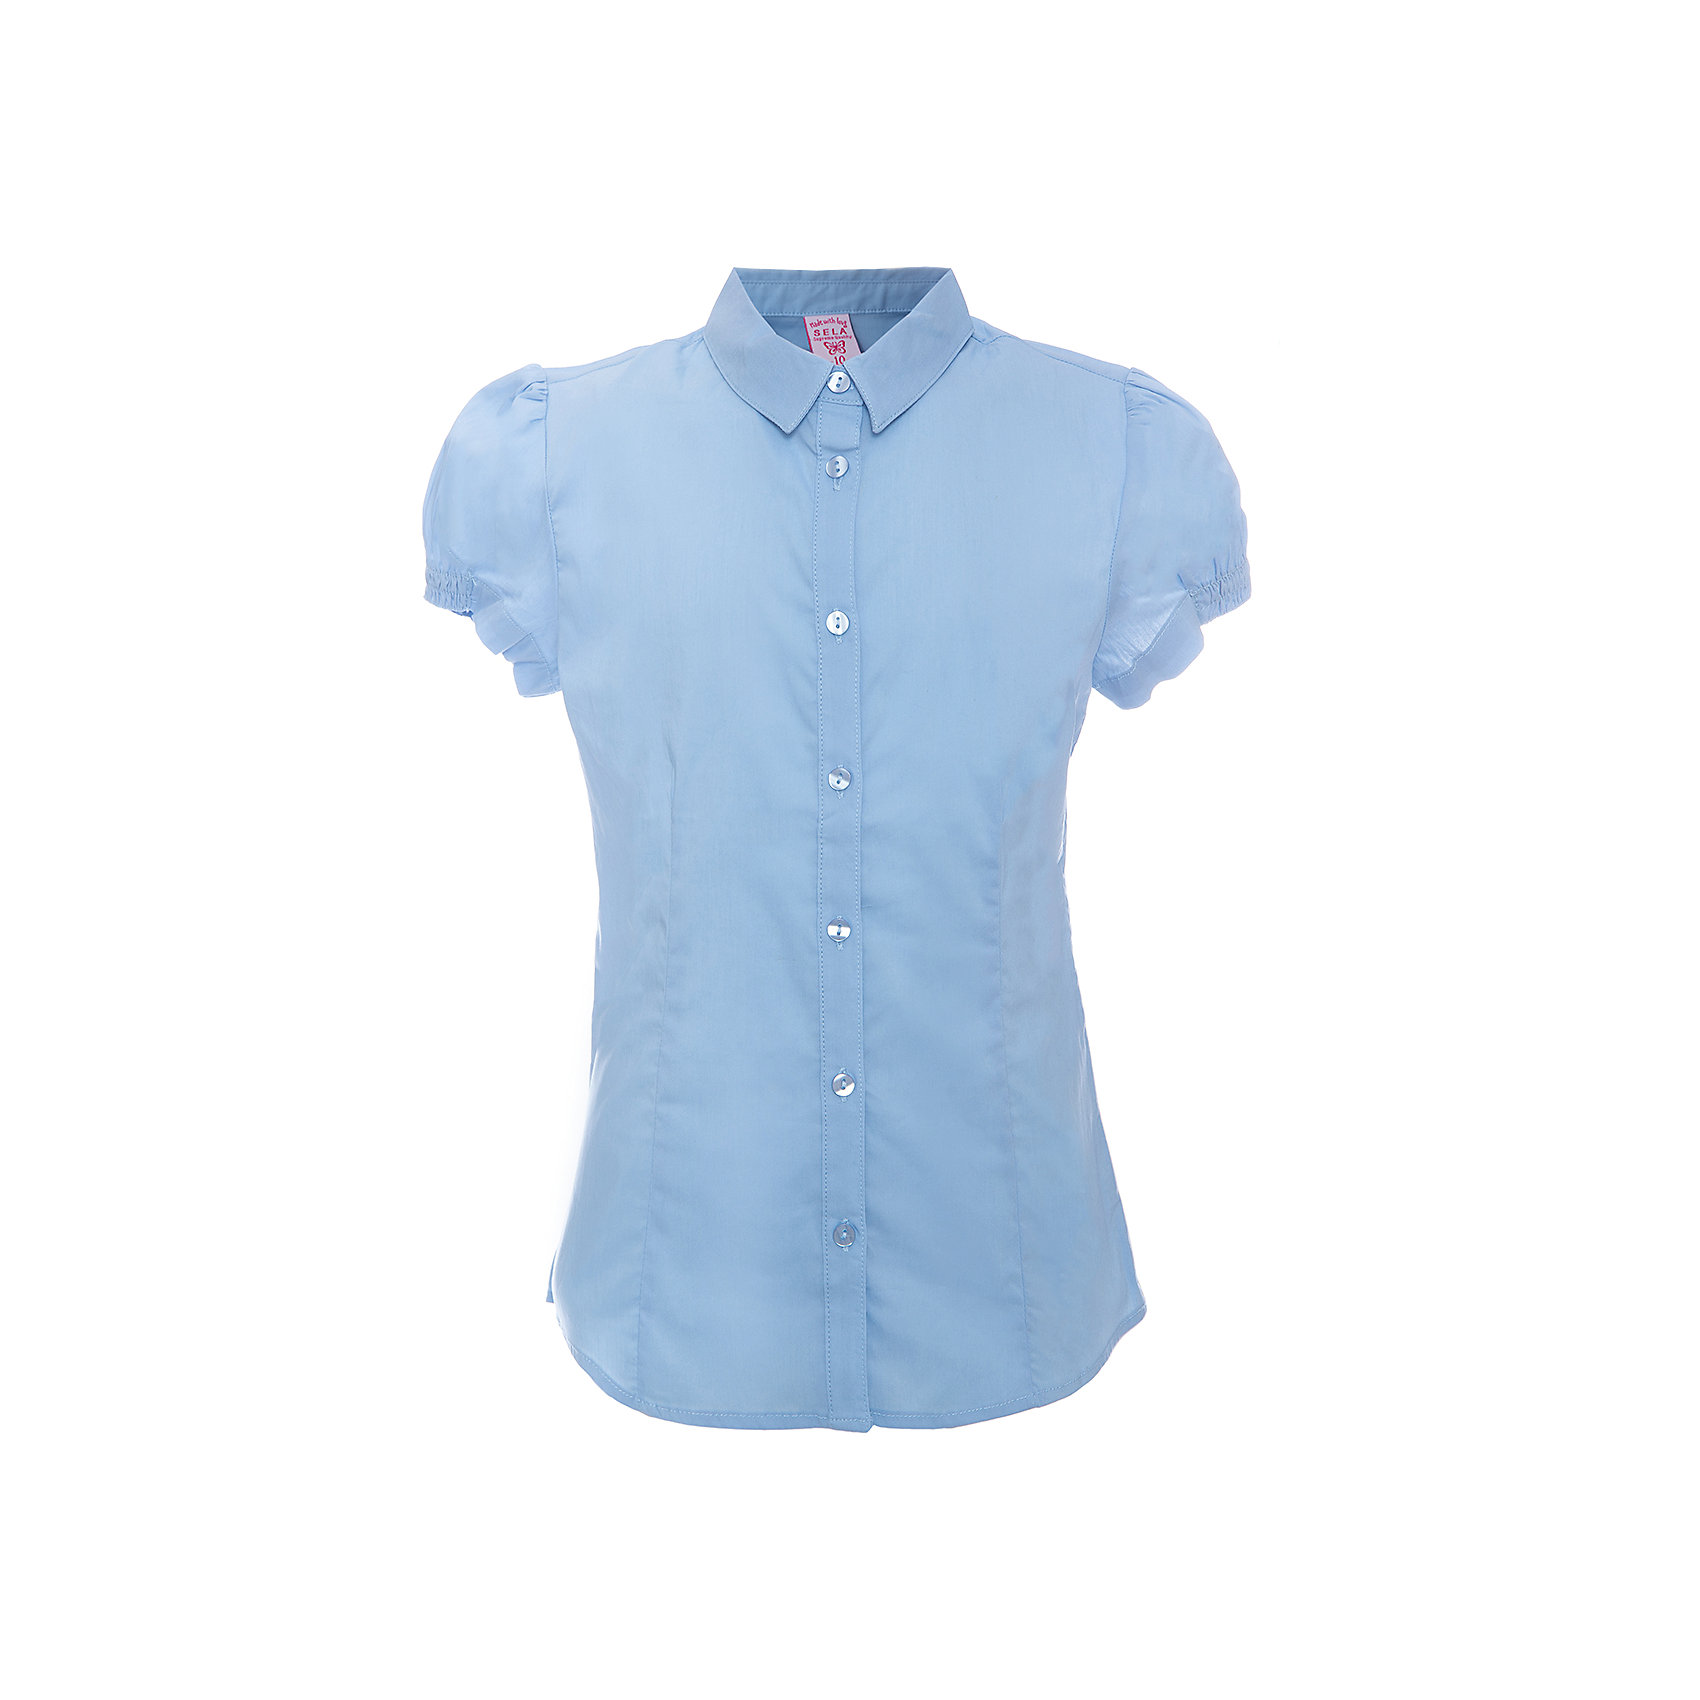 Блузка для девочки SELAБлузки и рубашки<br>Блузка - незаменимая вещь в гардеробе школьников. Эта модель отлично сидит на ребенке, она сделана из приятного на ощупь материала, мягкая и дышащая. Натуральный хлопок в составе ткани не вызывает аллергии и обеспечивает ребенку комфорт. Модель станет отличной базовой вещью, которая будет уместна в различных сочетаниях.<br>Одежда от бренда Sela (Села) - это качество по приемлемым ценам. Многие российские родители уже оценили преимущества продукции этой компании и всё чаще приобретают одежду и аксессуары Sela.<br><br>Дополнительная информация:<br><br>материал: 56% хлопок, 41% нейлон, 3% эластан;<br>рукава короткие;<br>застежки - пуговицы.<br><br>Блузку для девочки от бренда Sela можно купить в нашем интернет-магазине.<br><br>Ширина мм: 186<br>Глубина мм: 87<br>Высота мм: 198<br>Вес г: 197<br>Цвет: голубой<br>Возраст от месяцев: 60<br>Возраст до месяцев: 72<br>Пол: Женский<br>Возраст: Детский<br>Размер: 116,152,122,128,134,140,146<br>SKU: 4883470